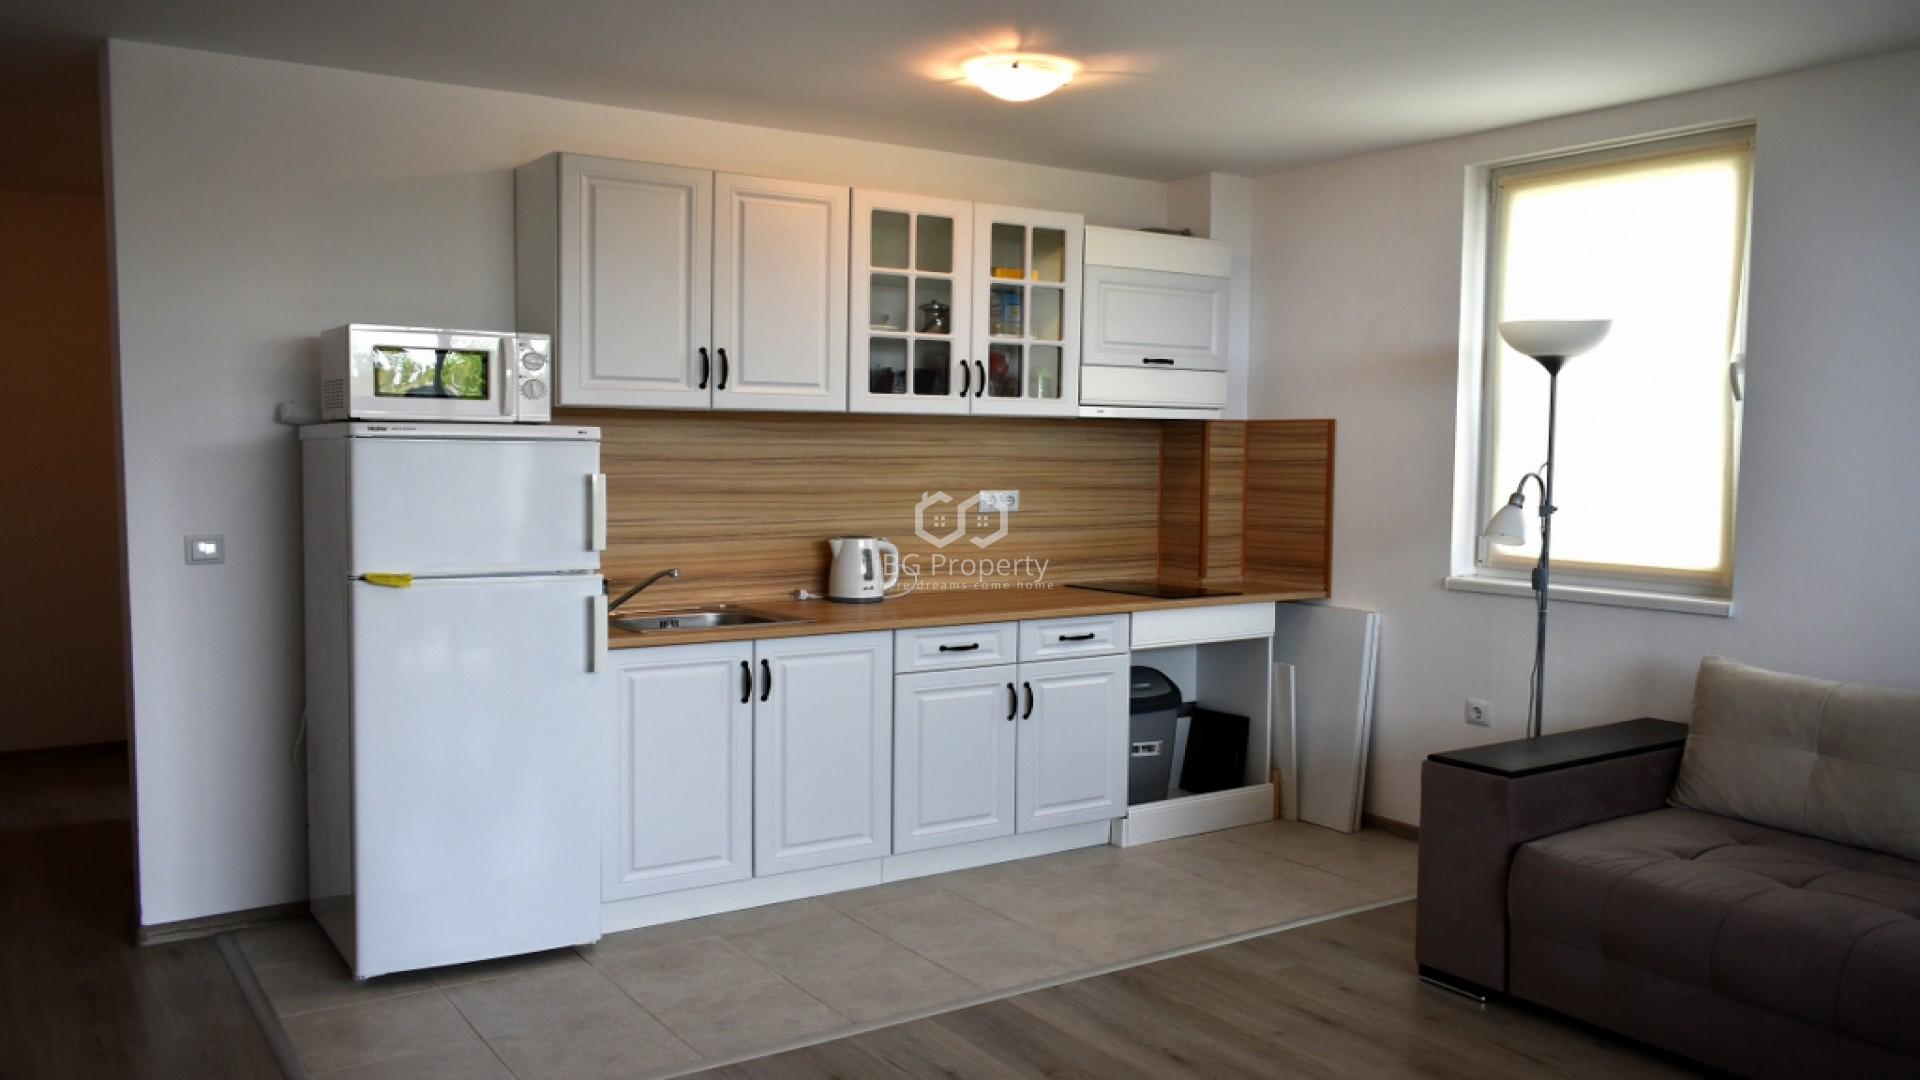 Едностаен Бяла 49 m2